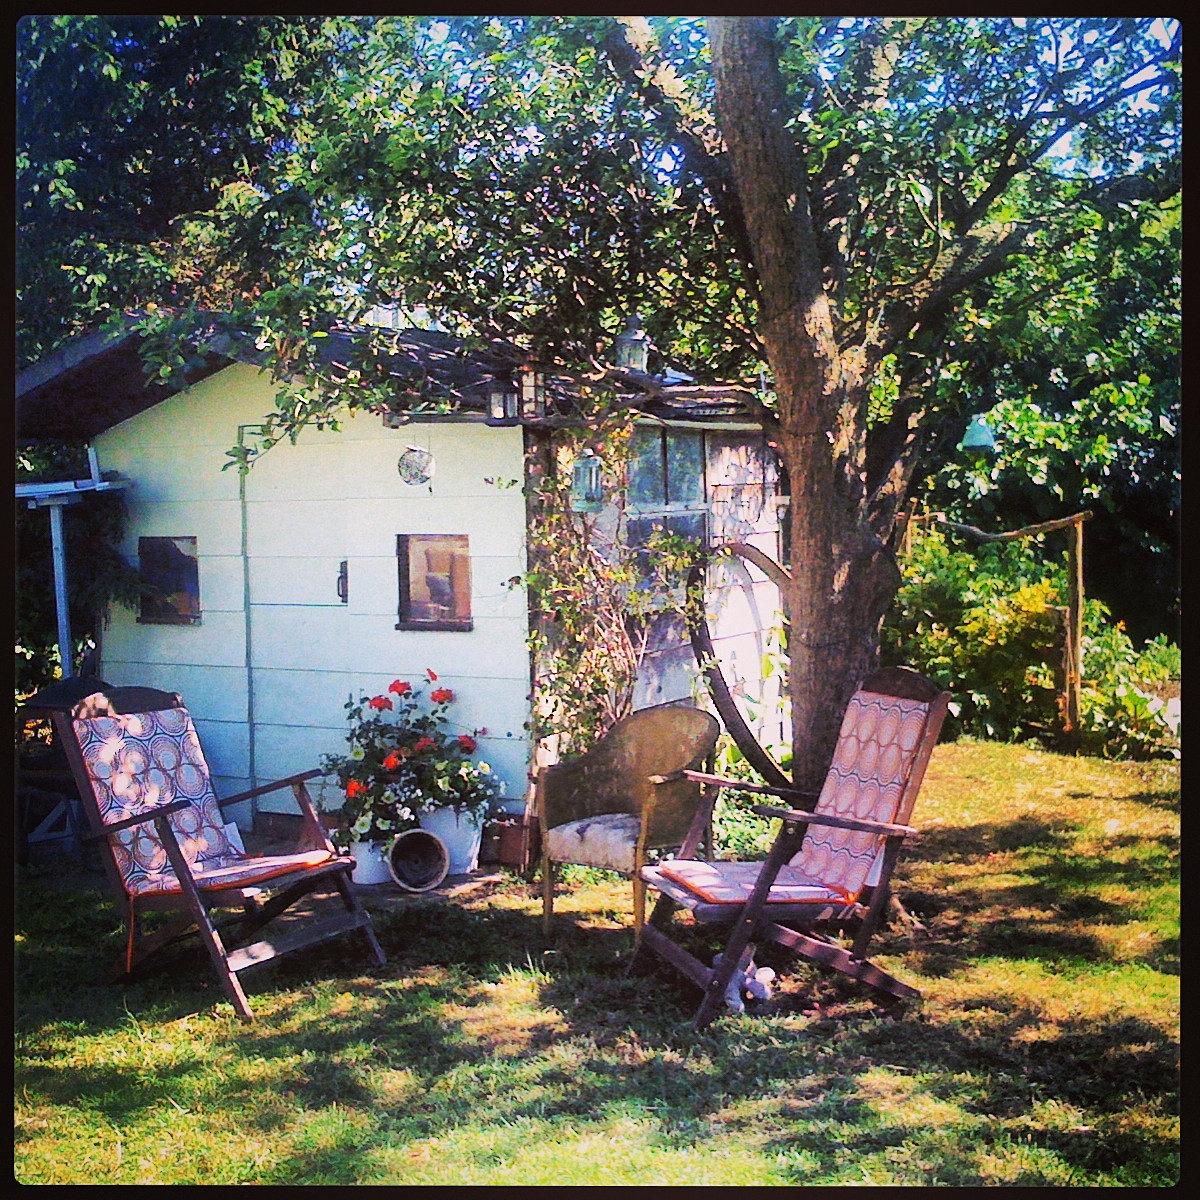 Juniper House Garden Design : Jeni cairns juniper house garden design peterborough country